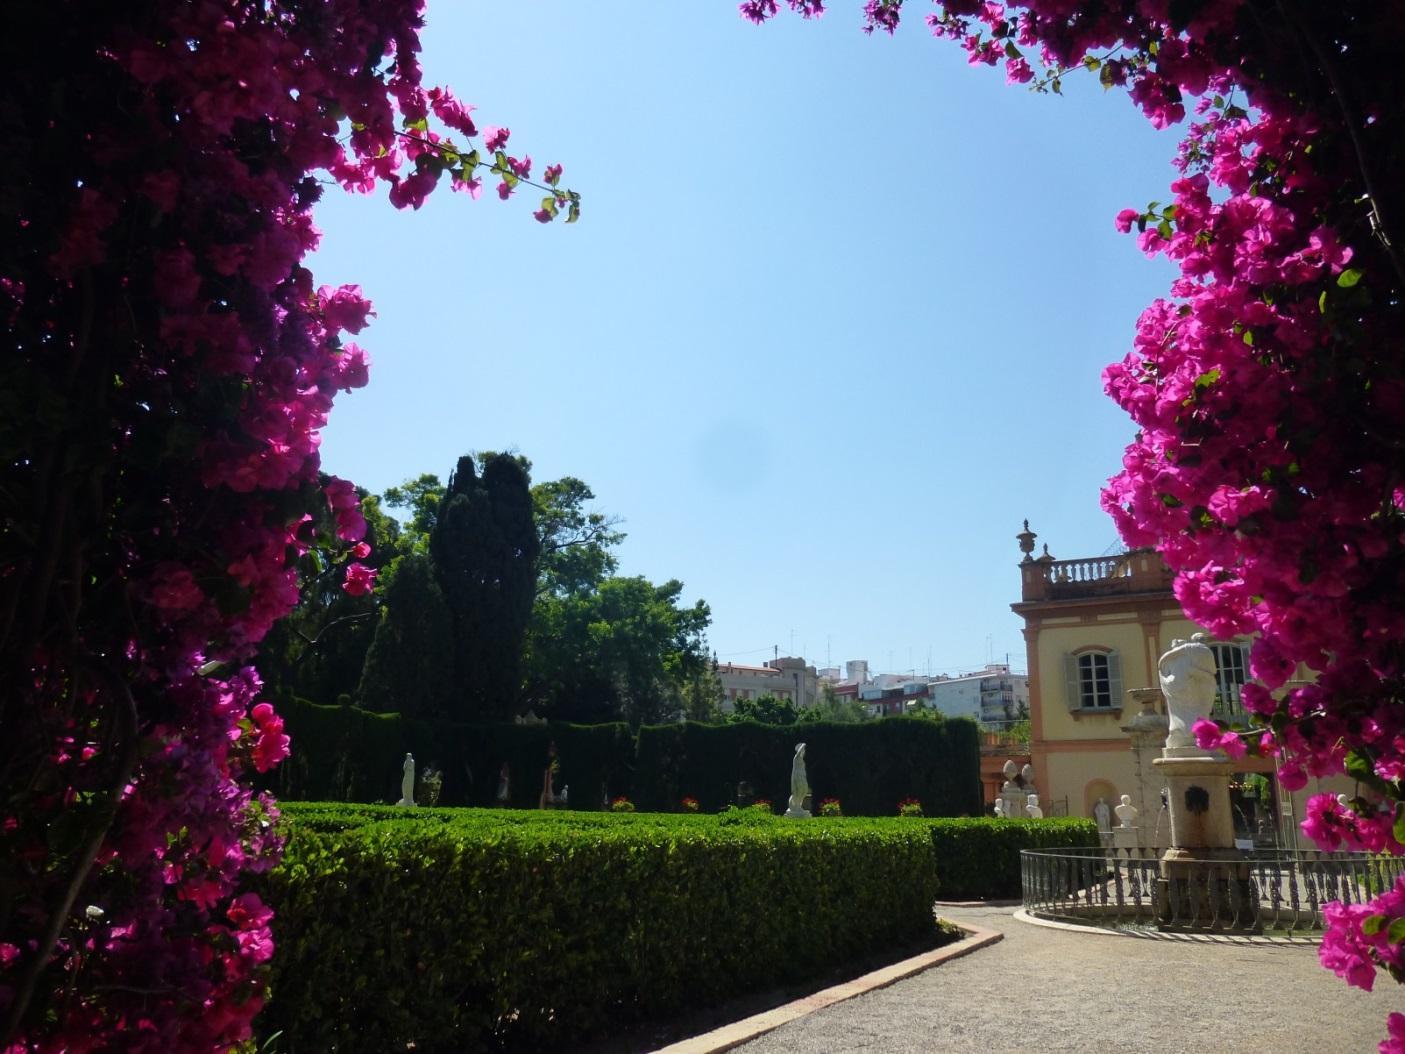 C:\Users\Gonzalo\Desktop\Nova Dimensio\Ver la ciudad\Jardín de Monforte\P1040409.JPG